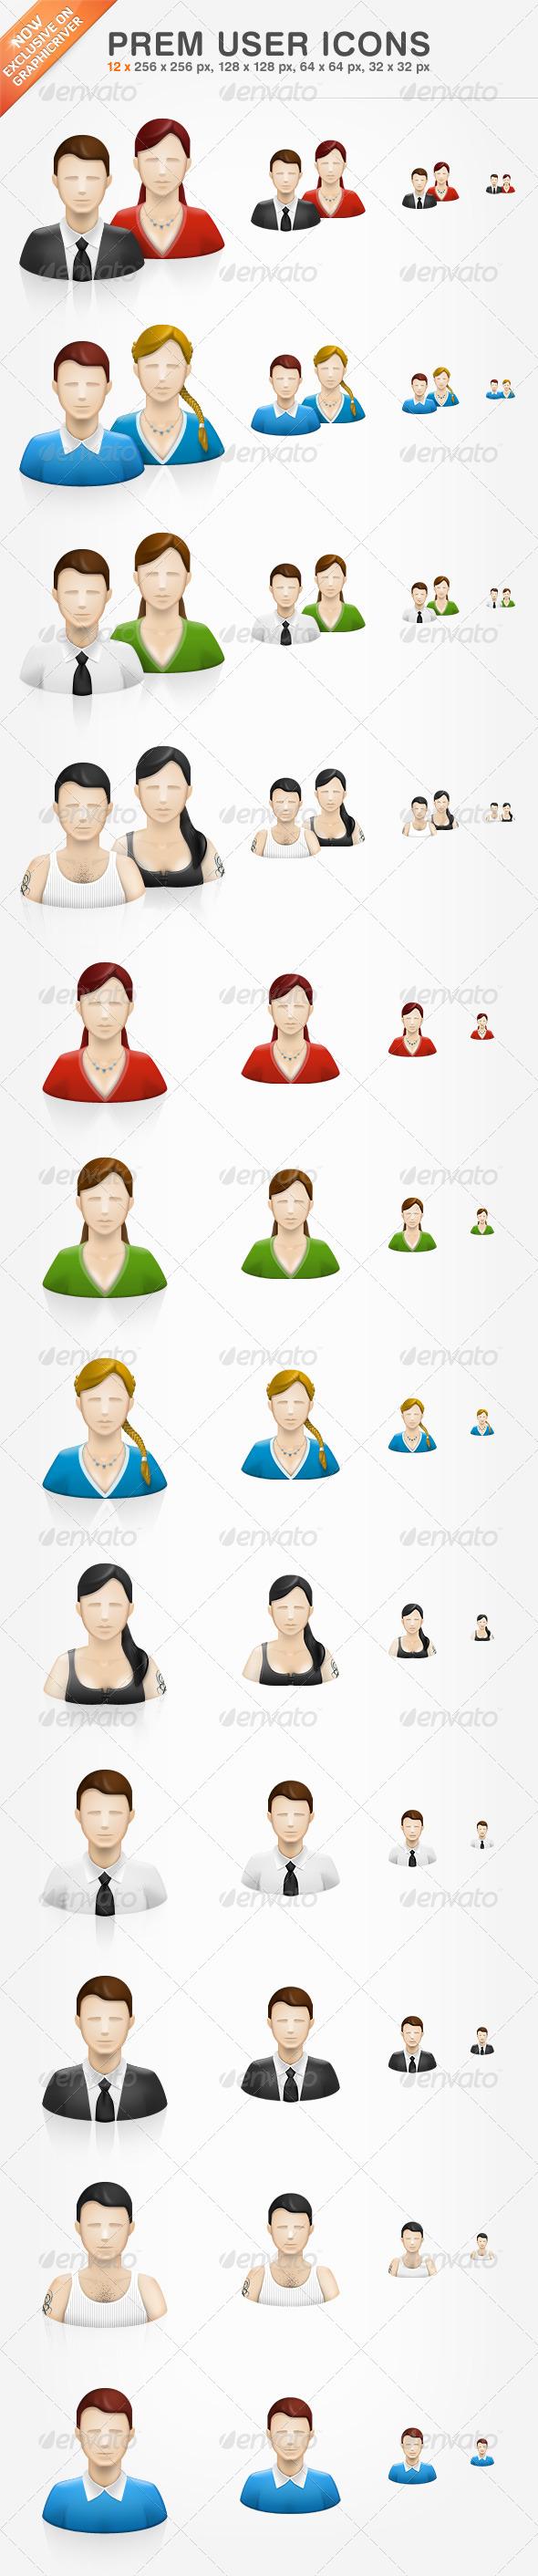 Prem User Icons - Web Icons